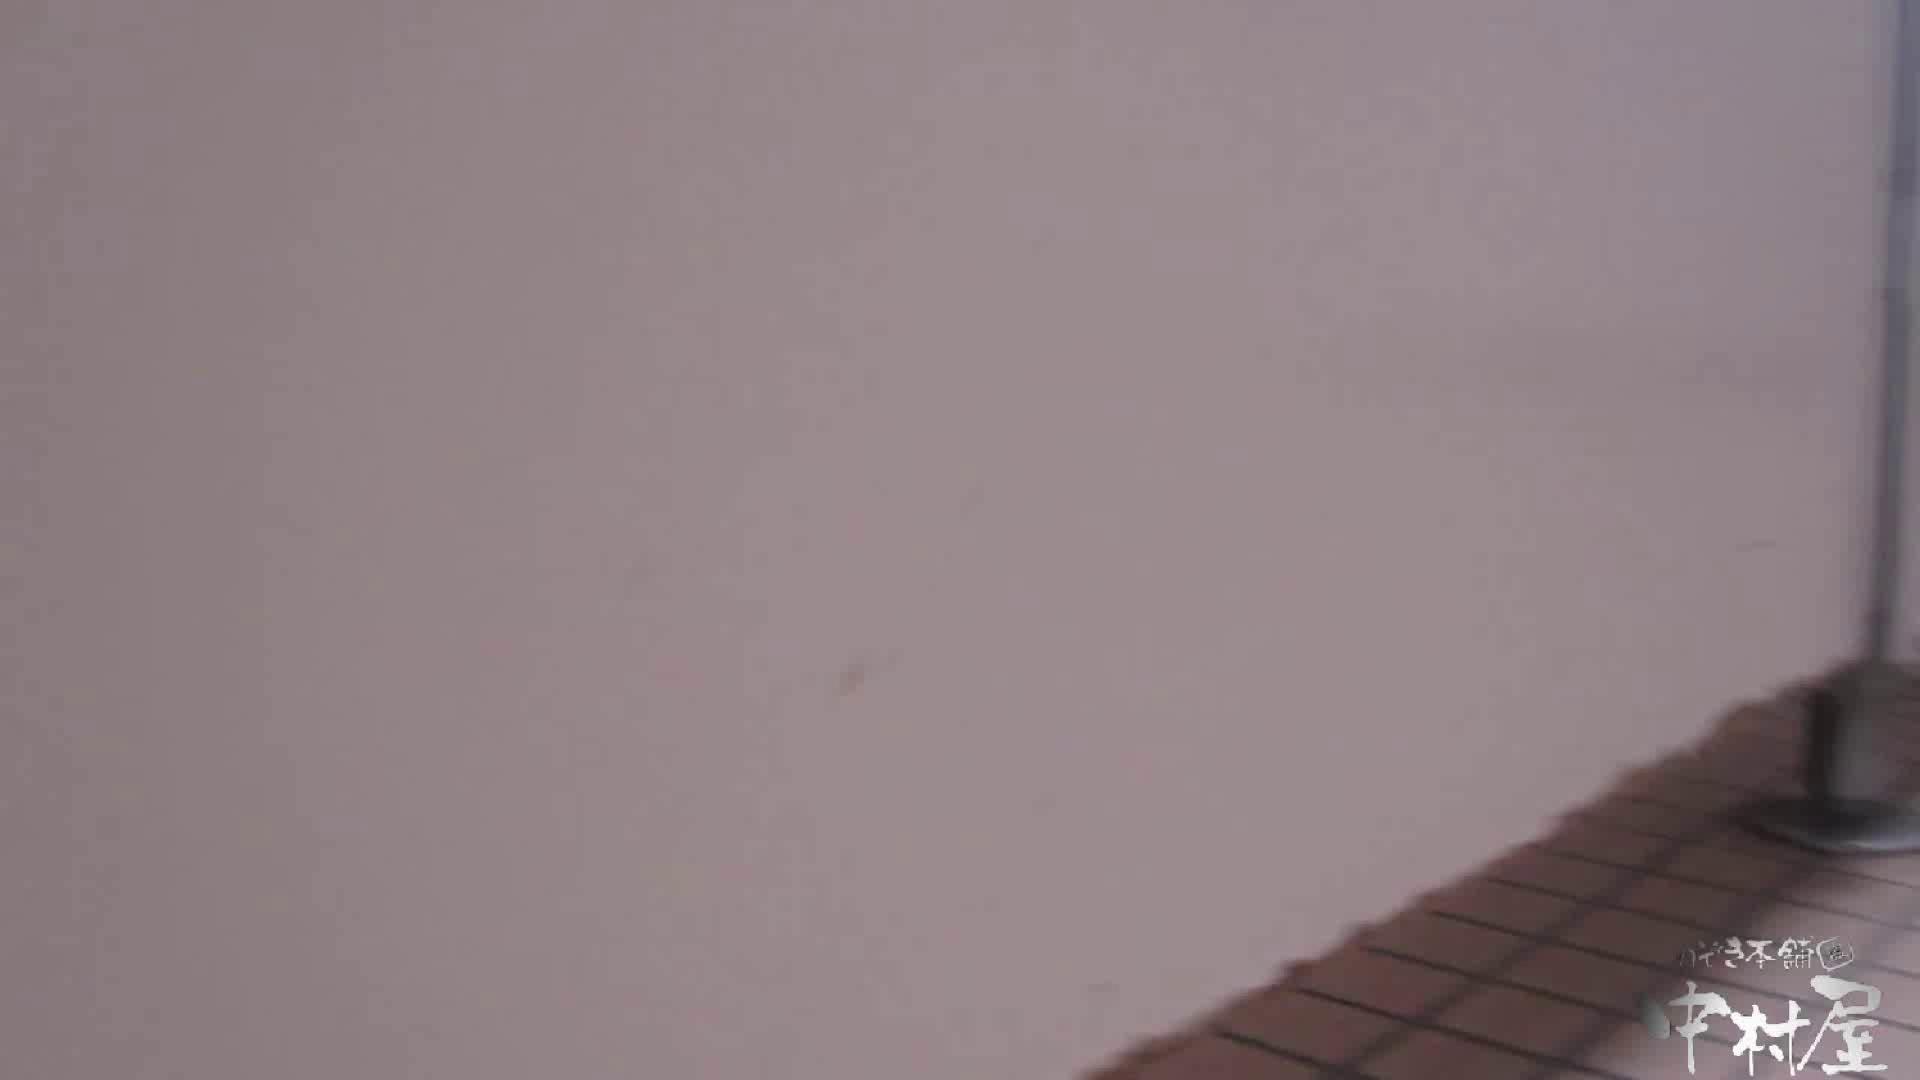 魂のかわや盗撮62連発! 超脱肛ギャル! 3発目! 現役ギャル AV無料動画キャプチャ 97pic 53